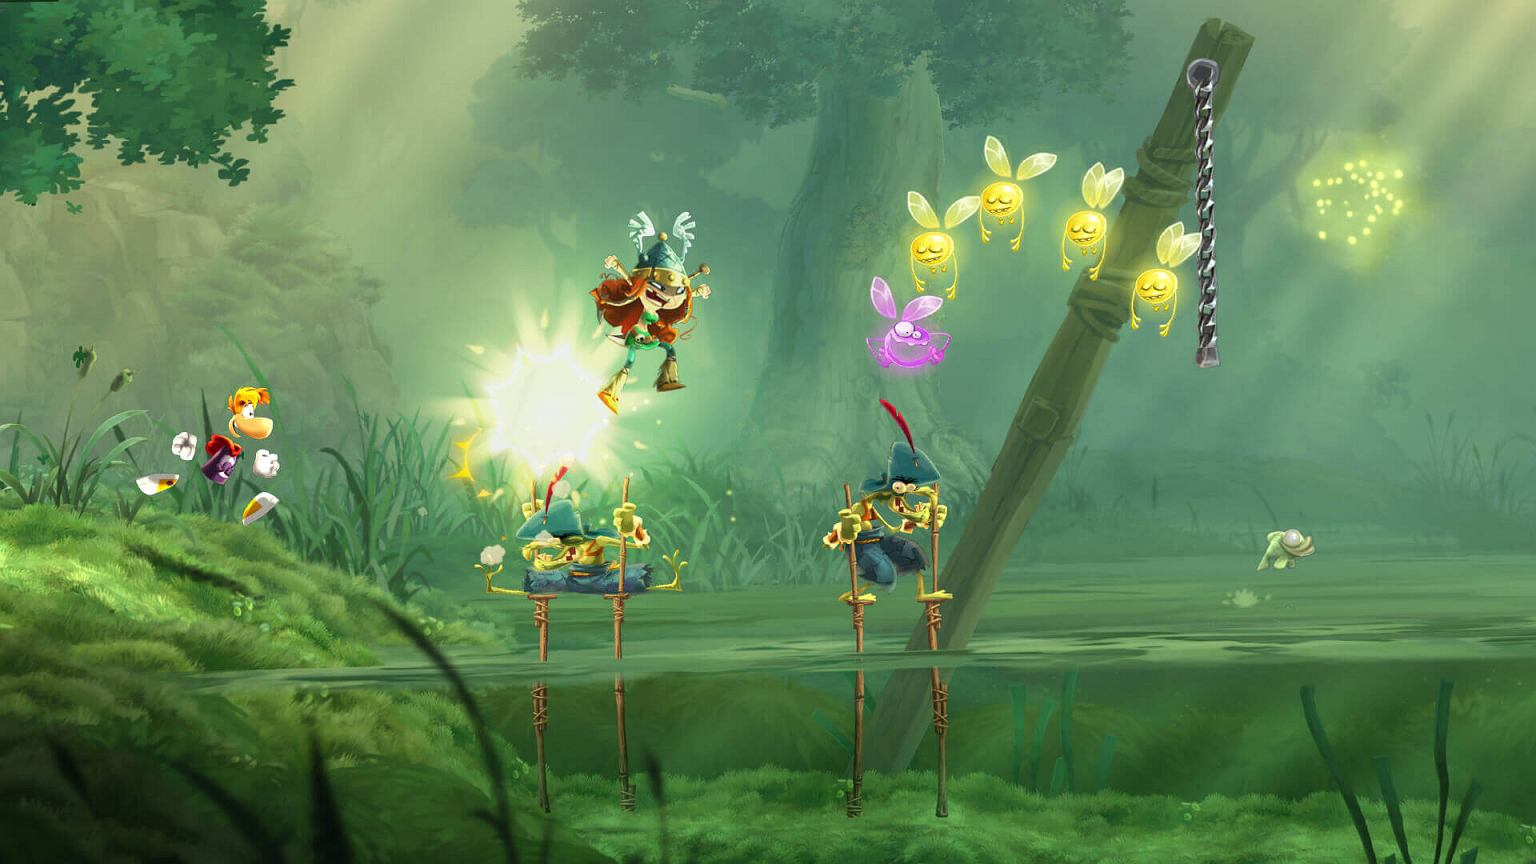 Rayman Legends za darmo od Ubisoft. Kolejne bezpłatne gry, nie tylko w Epic Games Store | Technologie na Next Gazeta